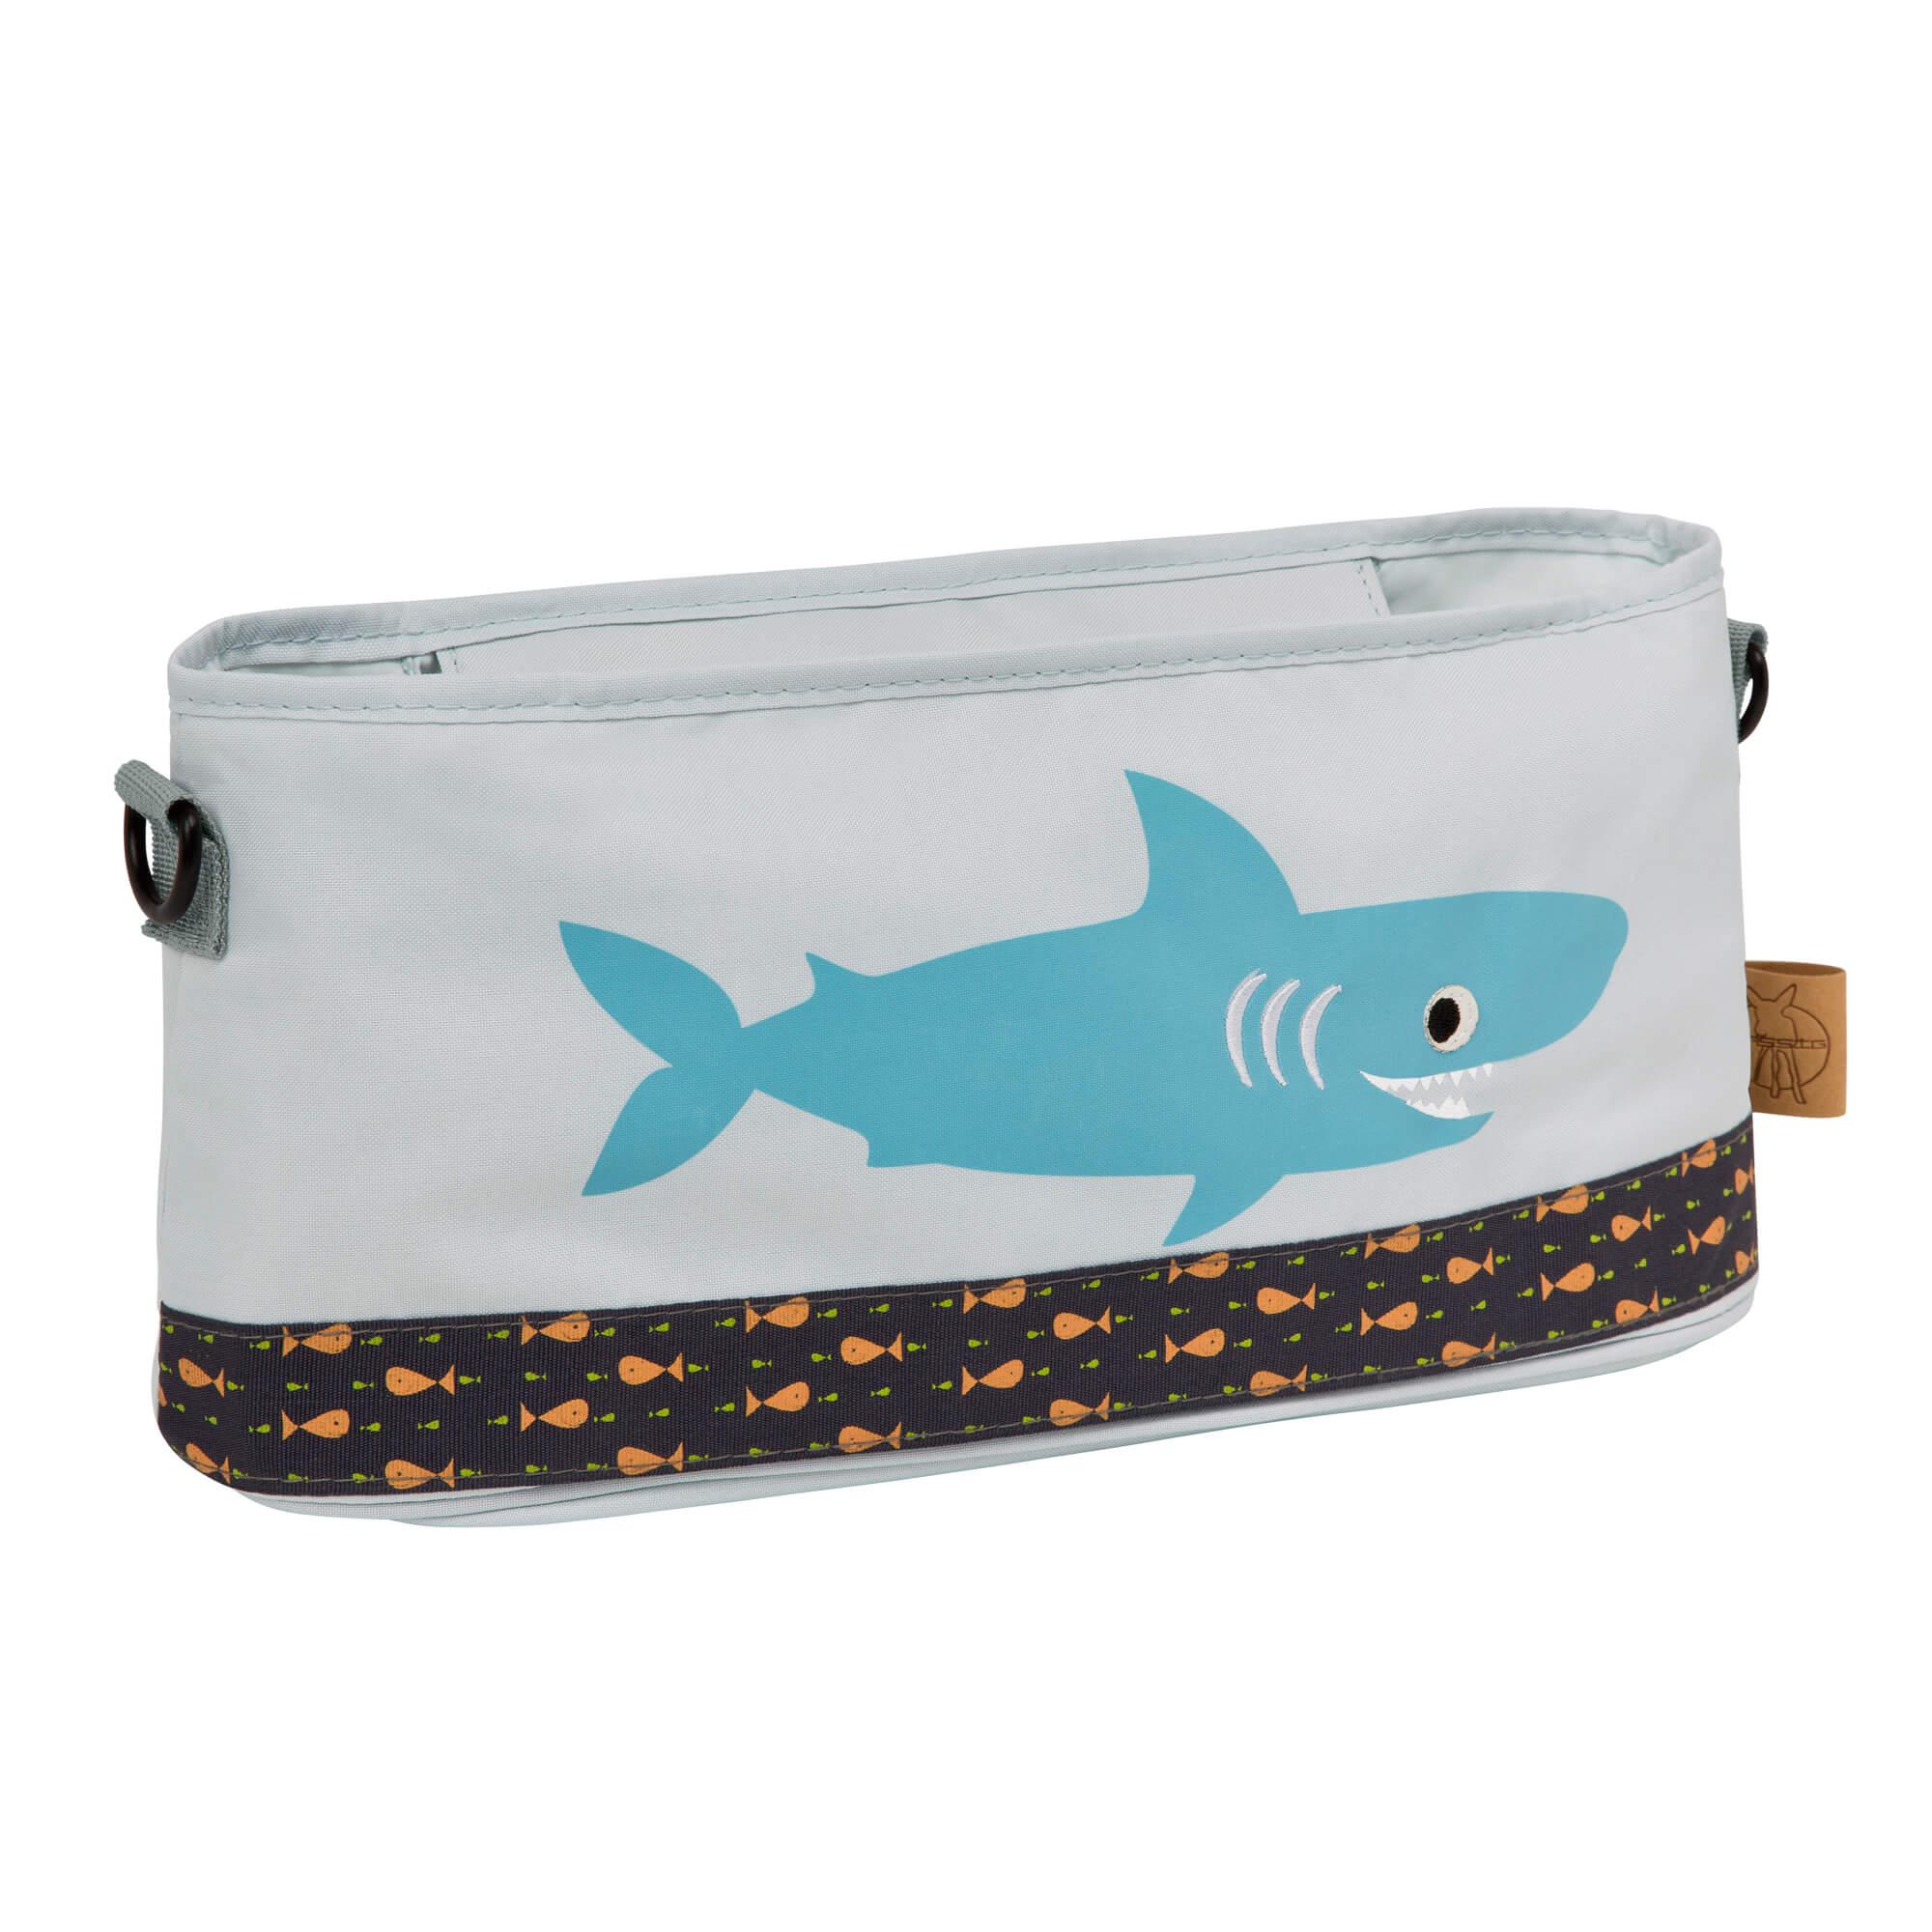 Lässig kinderwagentasche casual buggy organizer shark